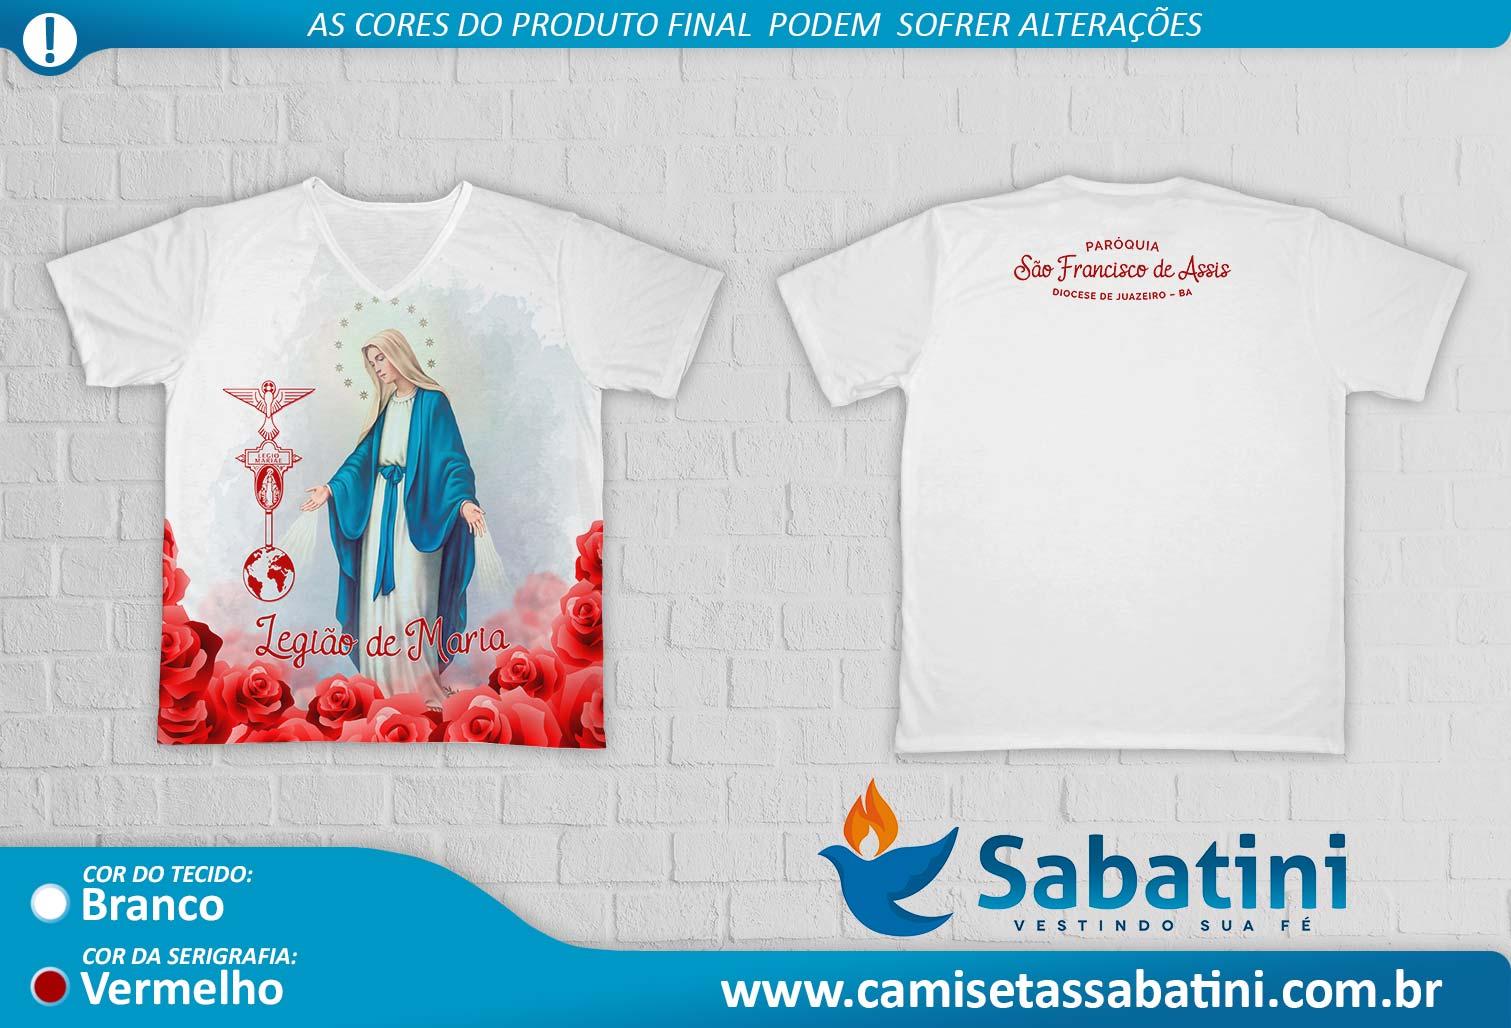 Camiseta Personalizada - Legião de Maria - Paróquia São Francisco de Assis - Diocese de Juazeiro - BA - ID14909653  - Camisetas Sabatini